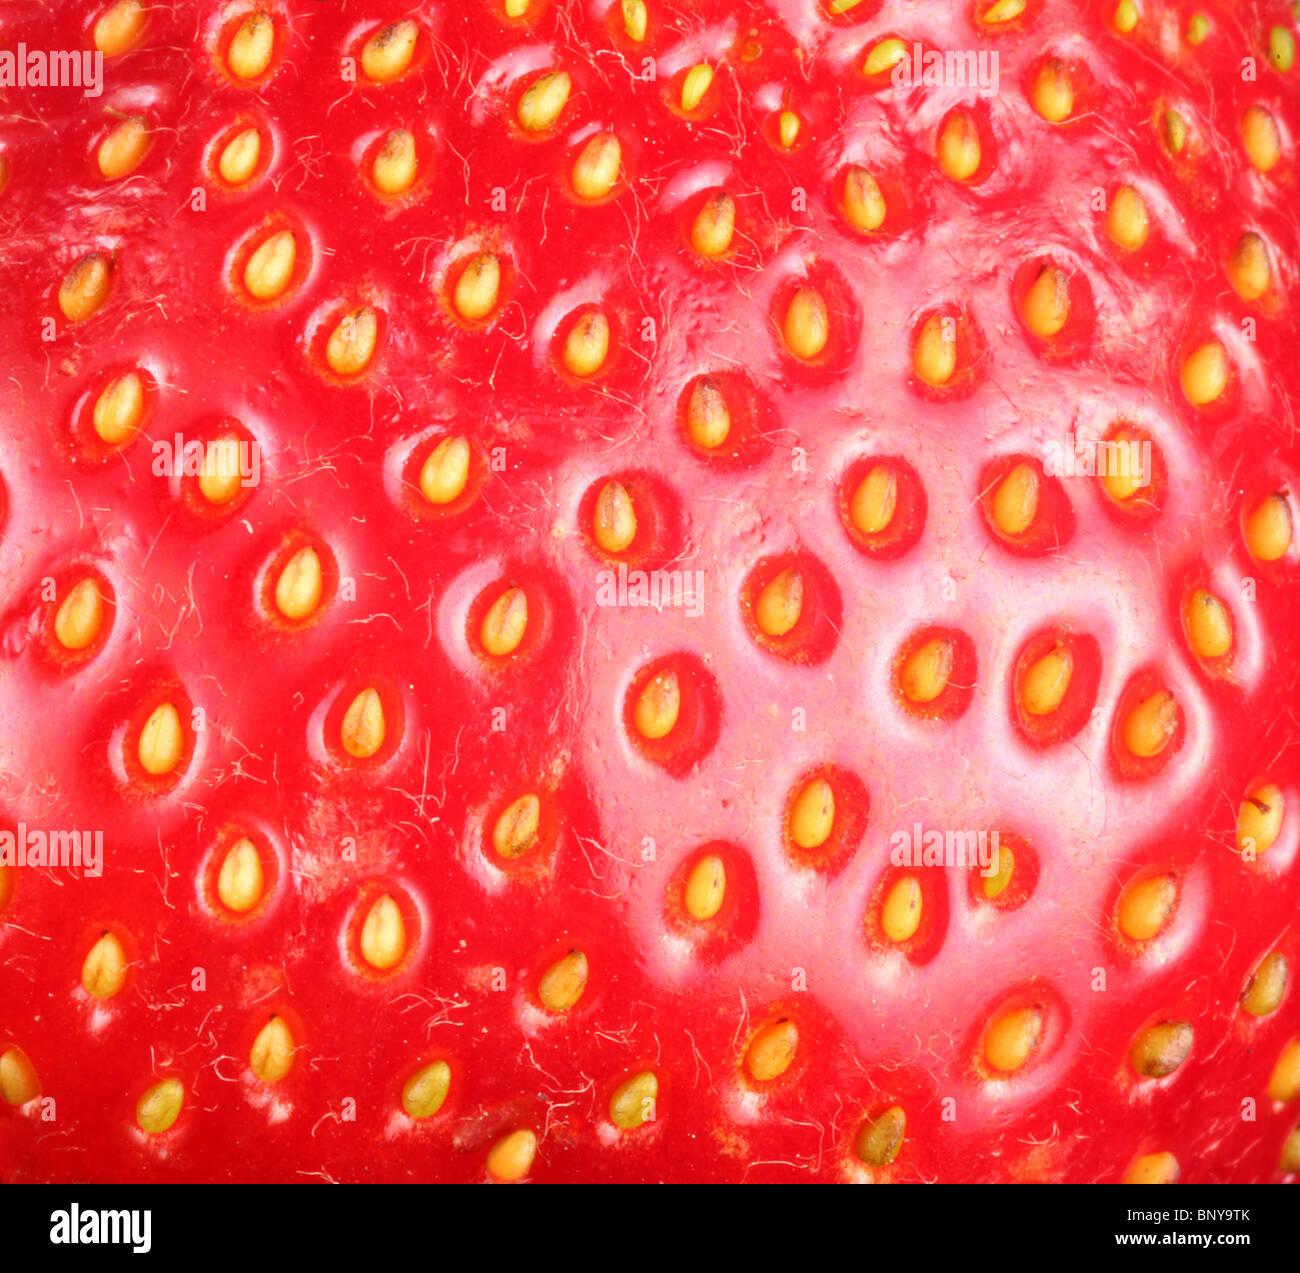 Erdbeer Texure. Makroaufnahme der Erdbeere. Stockbild